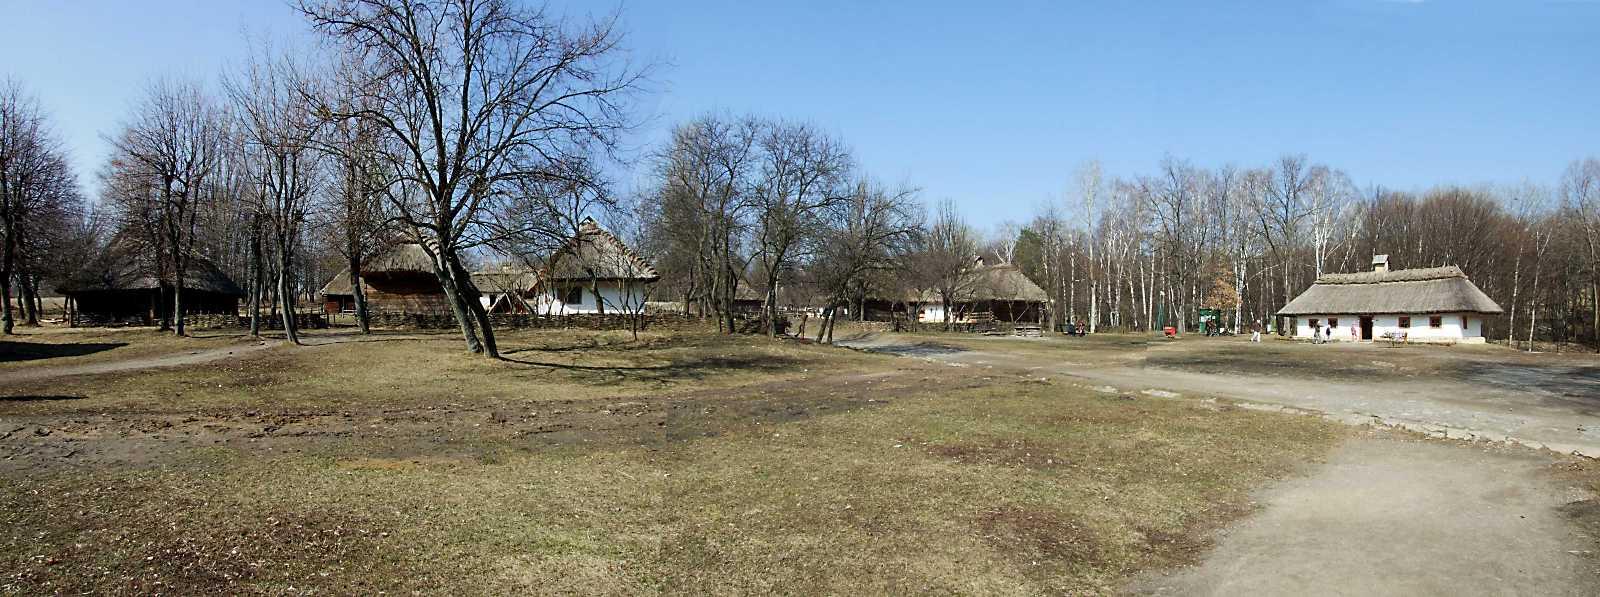 2011 р. Панорама площі села (садиби 6, 5, управа 7)